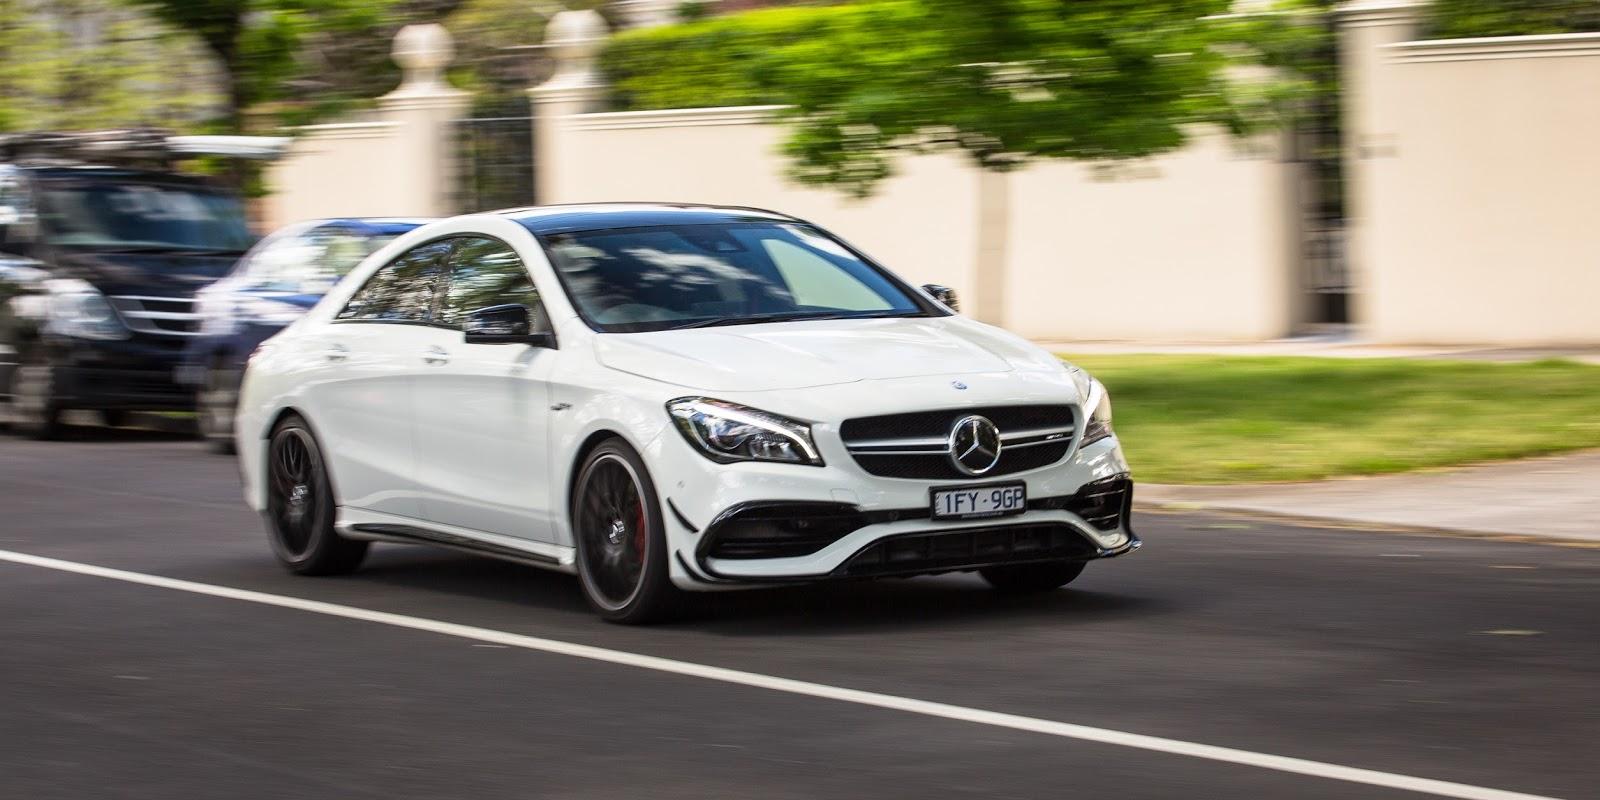 Trải nghiệm lái xe Mercedes-AMG CLA45 2017 chắc chắn rất tuyệt vời